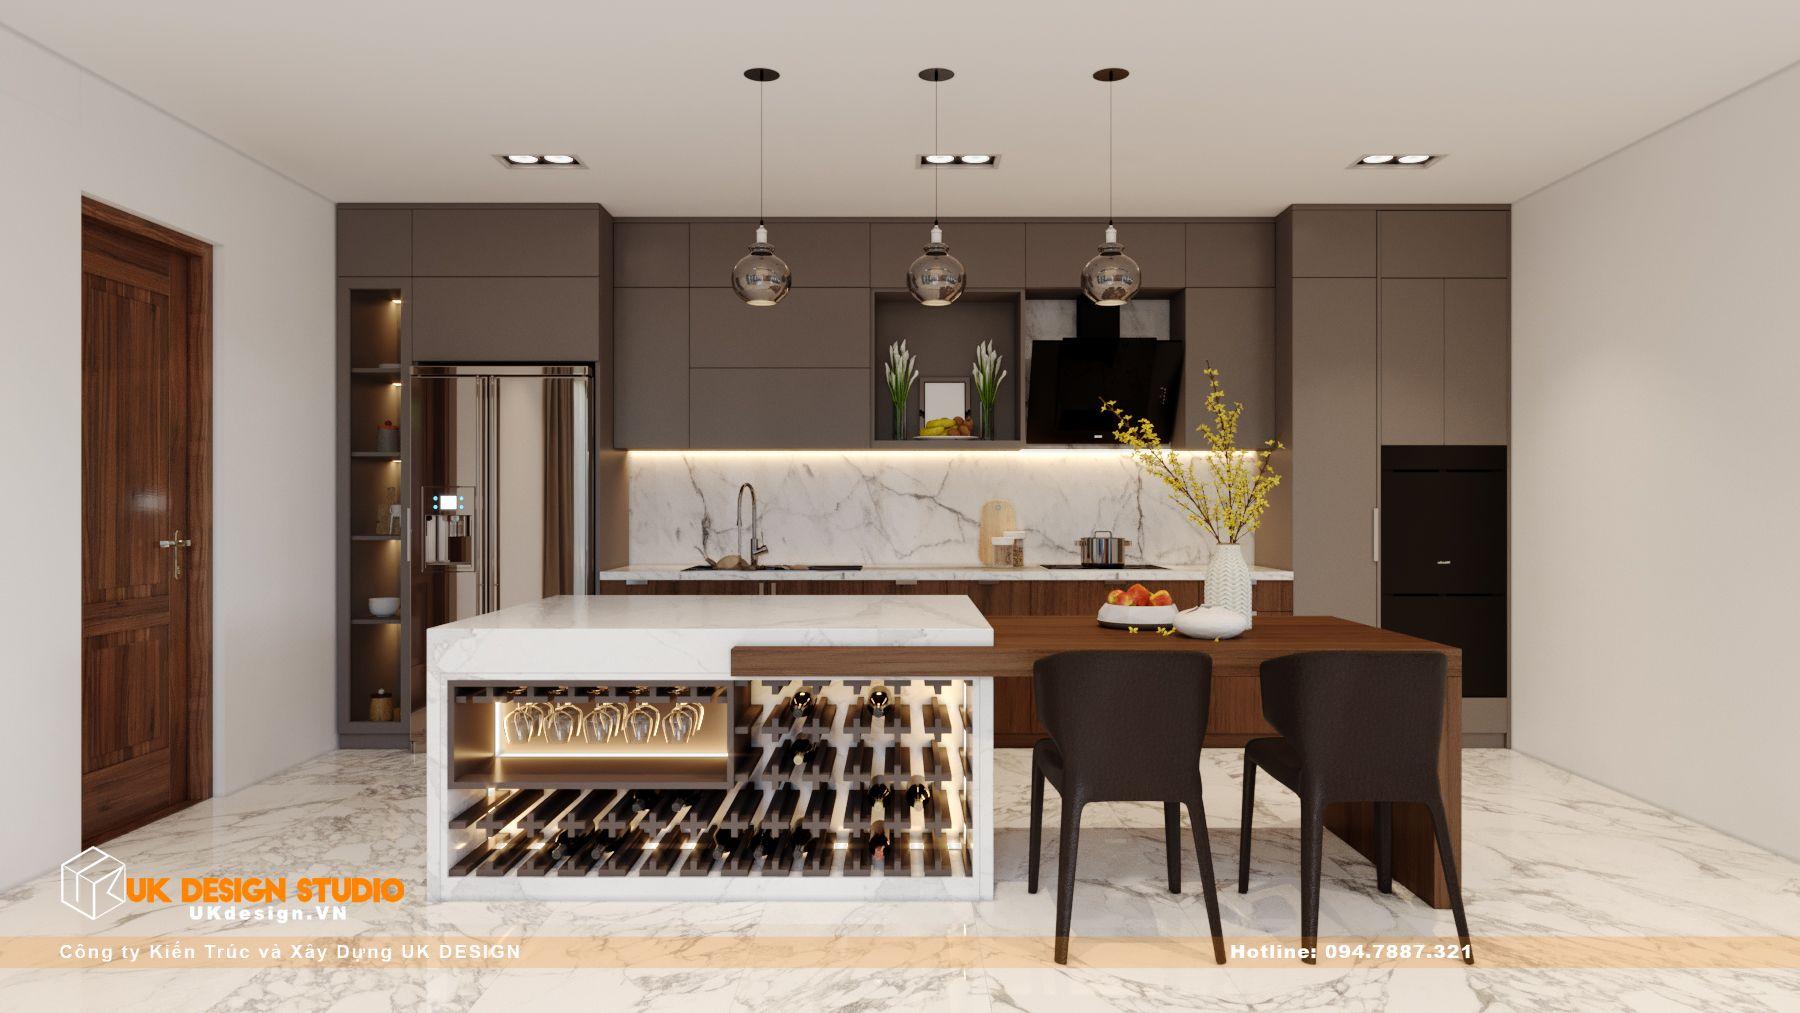 Thiết kế nội thất biệt thự nhà đẹp 3 tầng ở Quận 8 - Phòng Khách Bếp 14